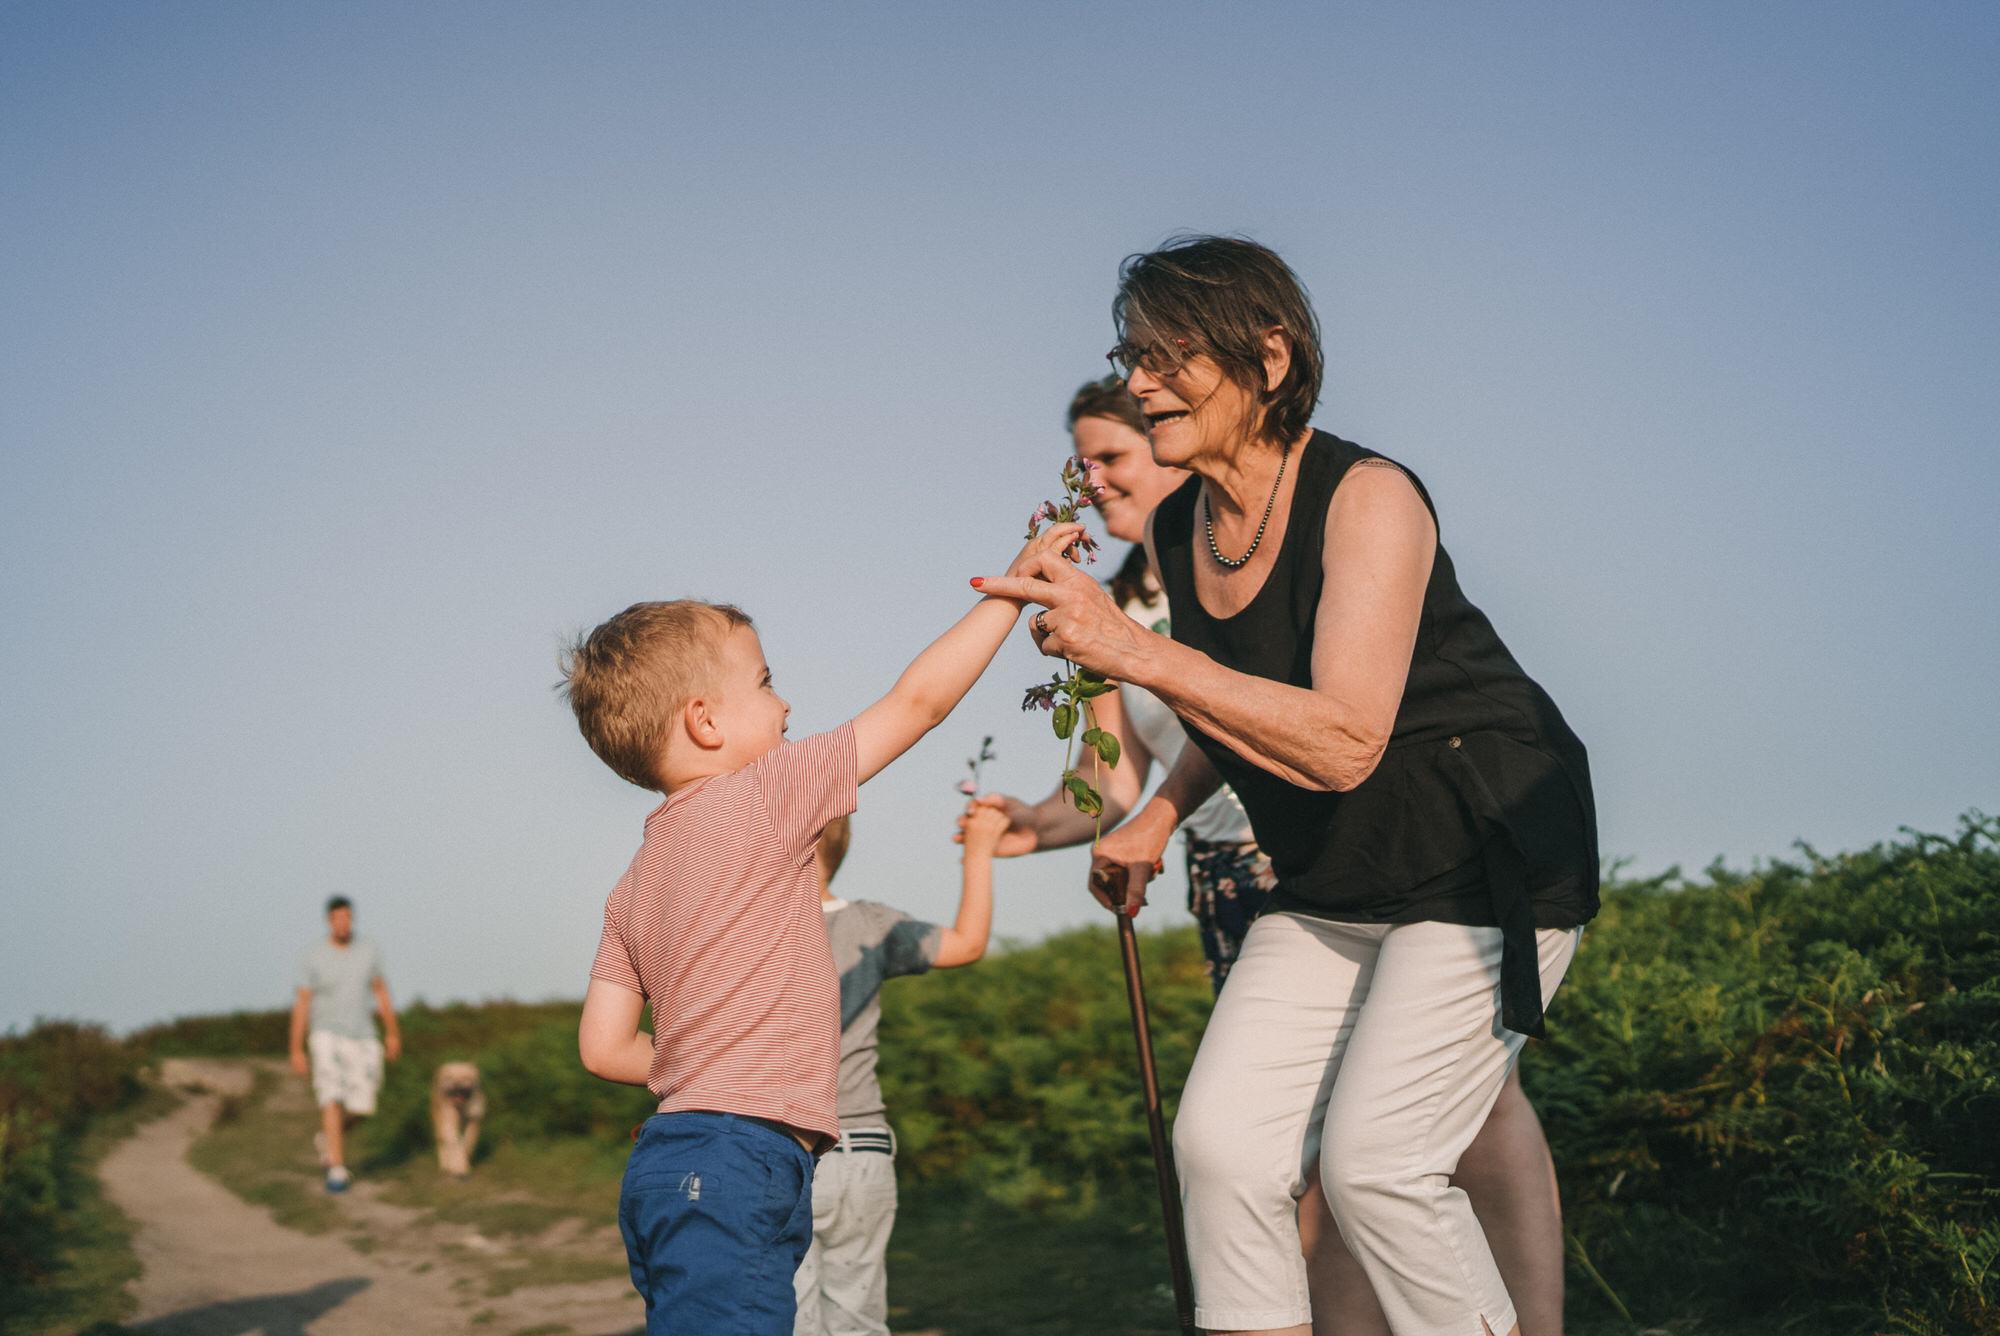 2021.07.20 Photo De Famille A Porspoder En Bretagne Par Antoine Borzeix 122, Photographe & Videaste à Brest / Finistère